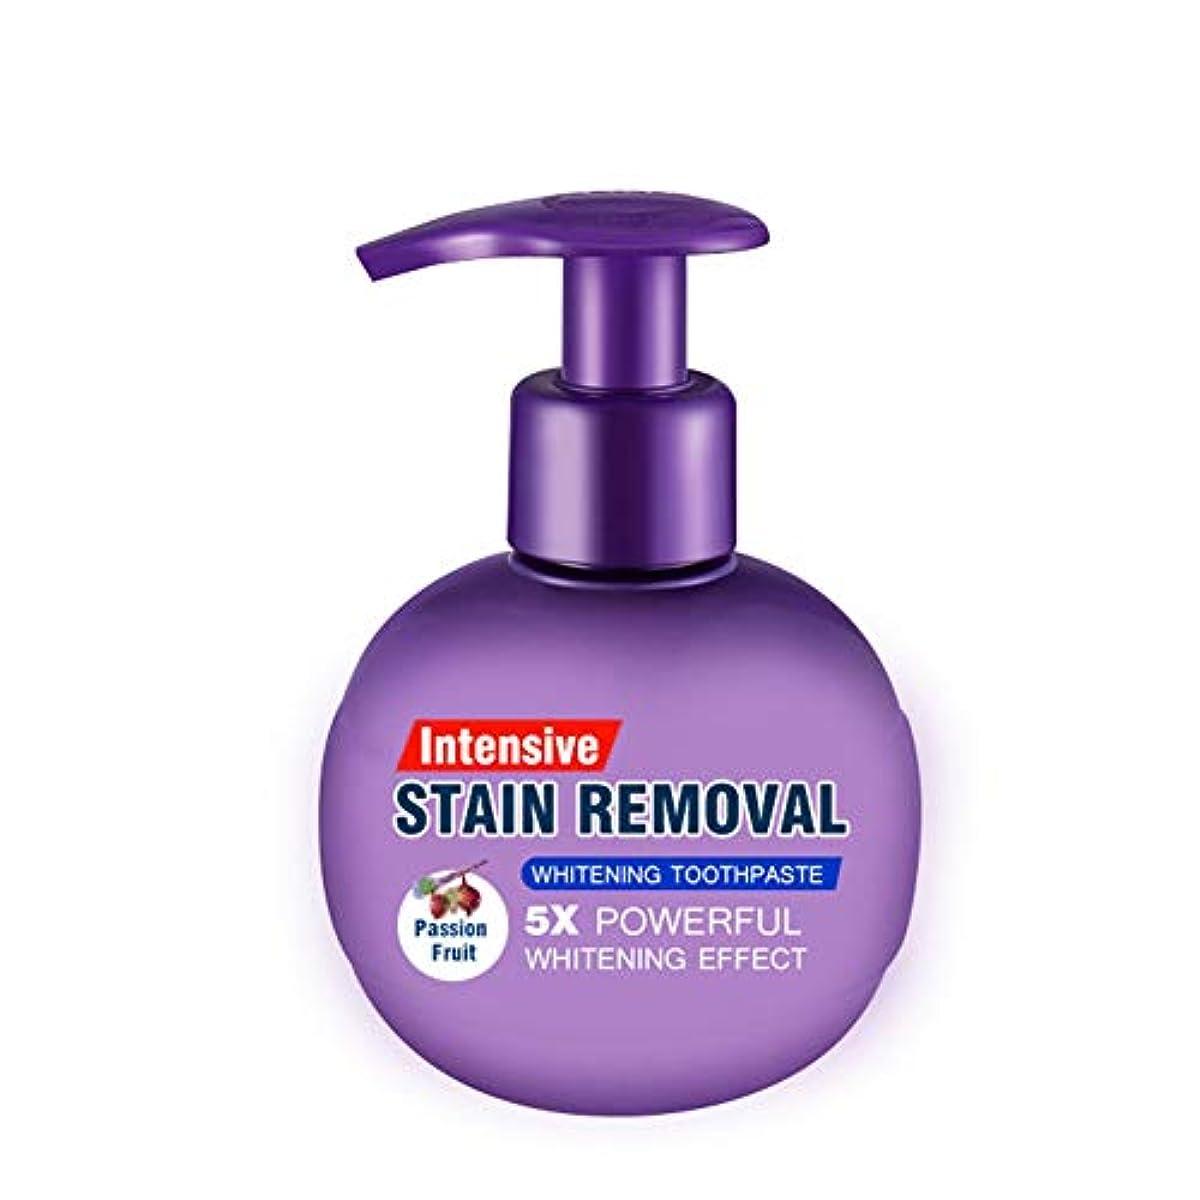 余計な床を掃除するパトワTenflyer歯磨きのための歯磨き粉の抗の出血ガムを白くするの集中的な汚れの除去剤